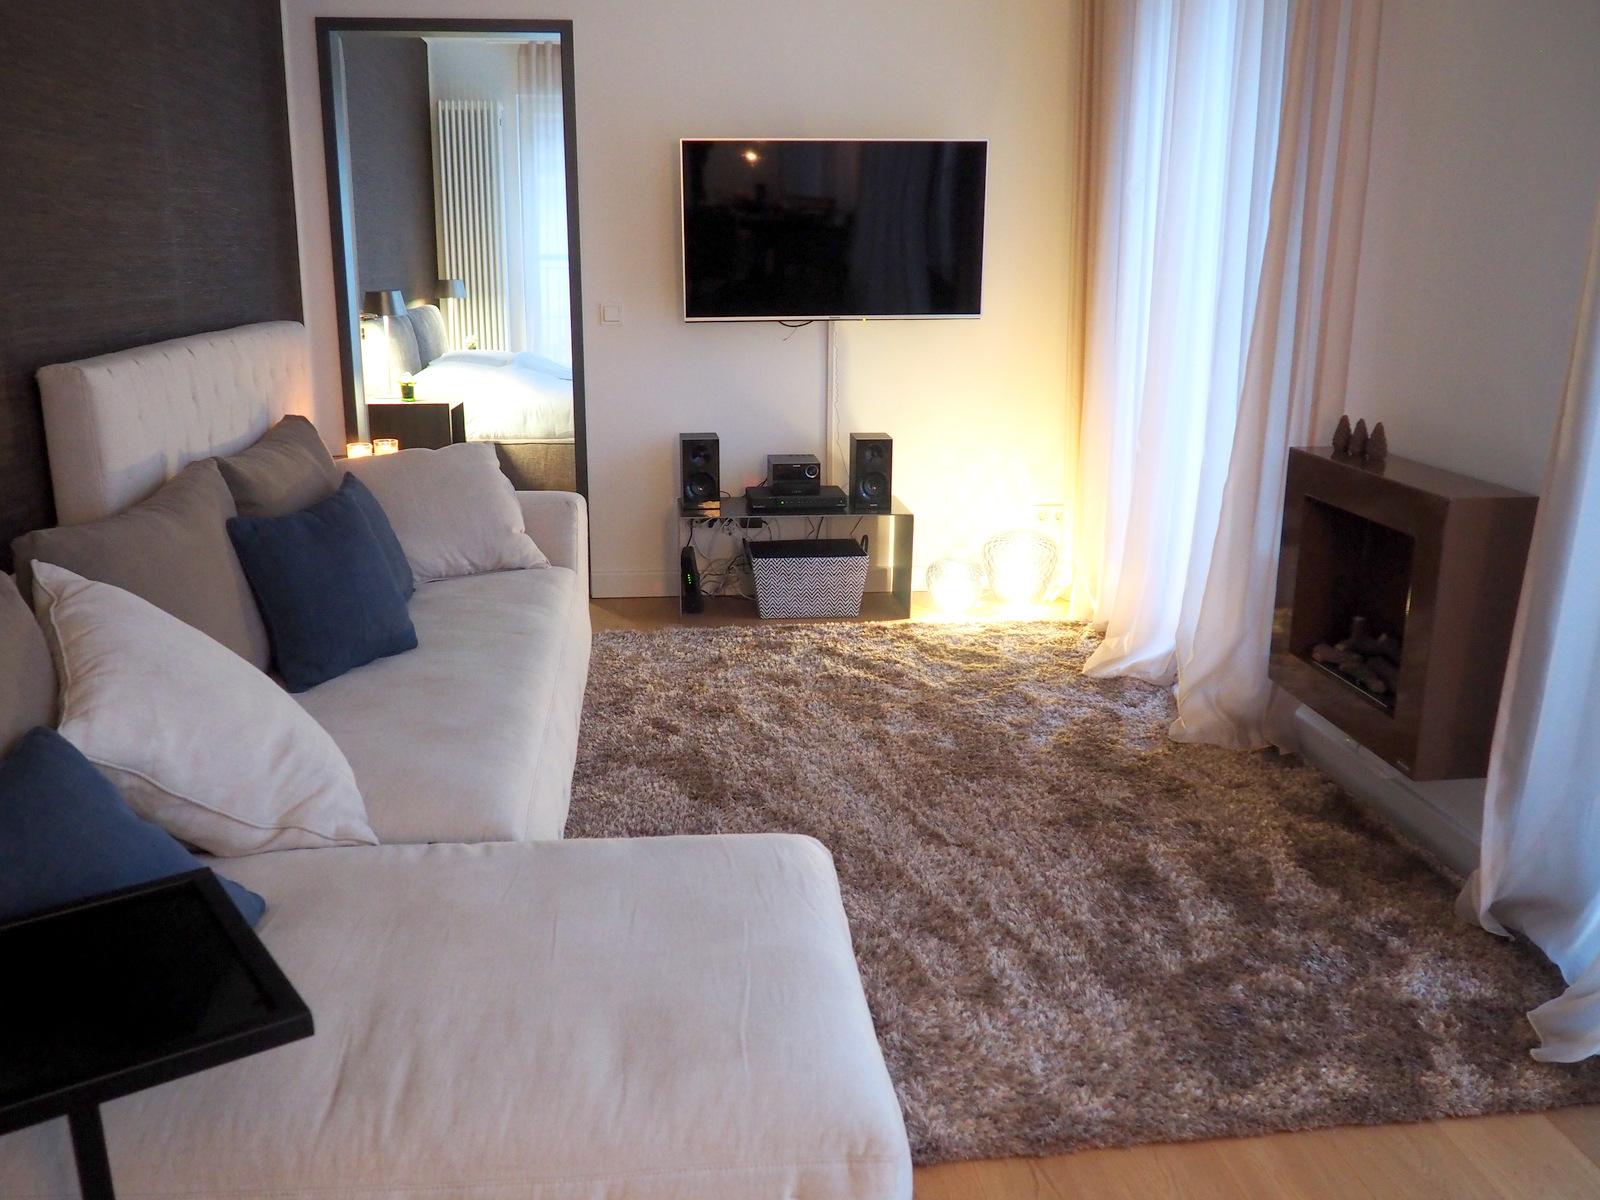 Das Offene Wohnzimmer In Der Interims Wohnung | By Andy   For Better Moods